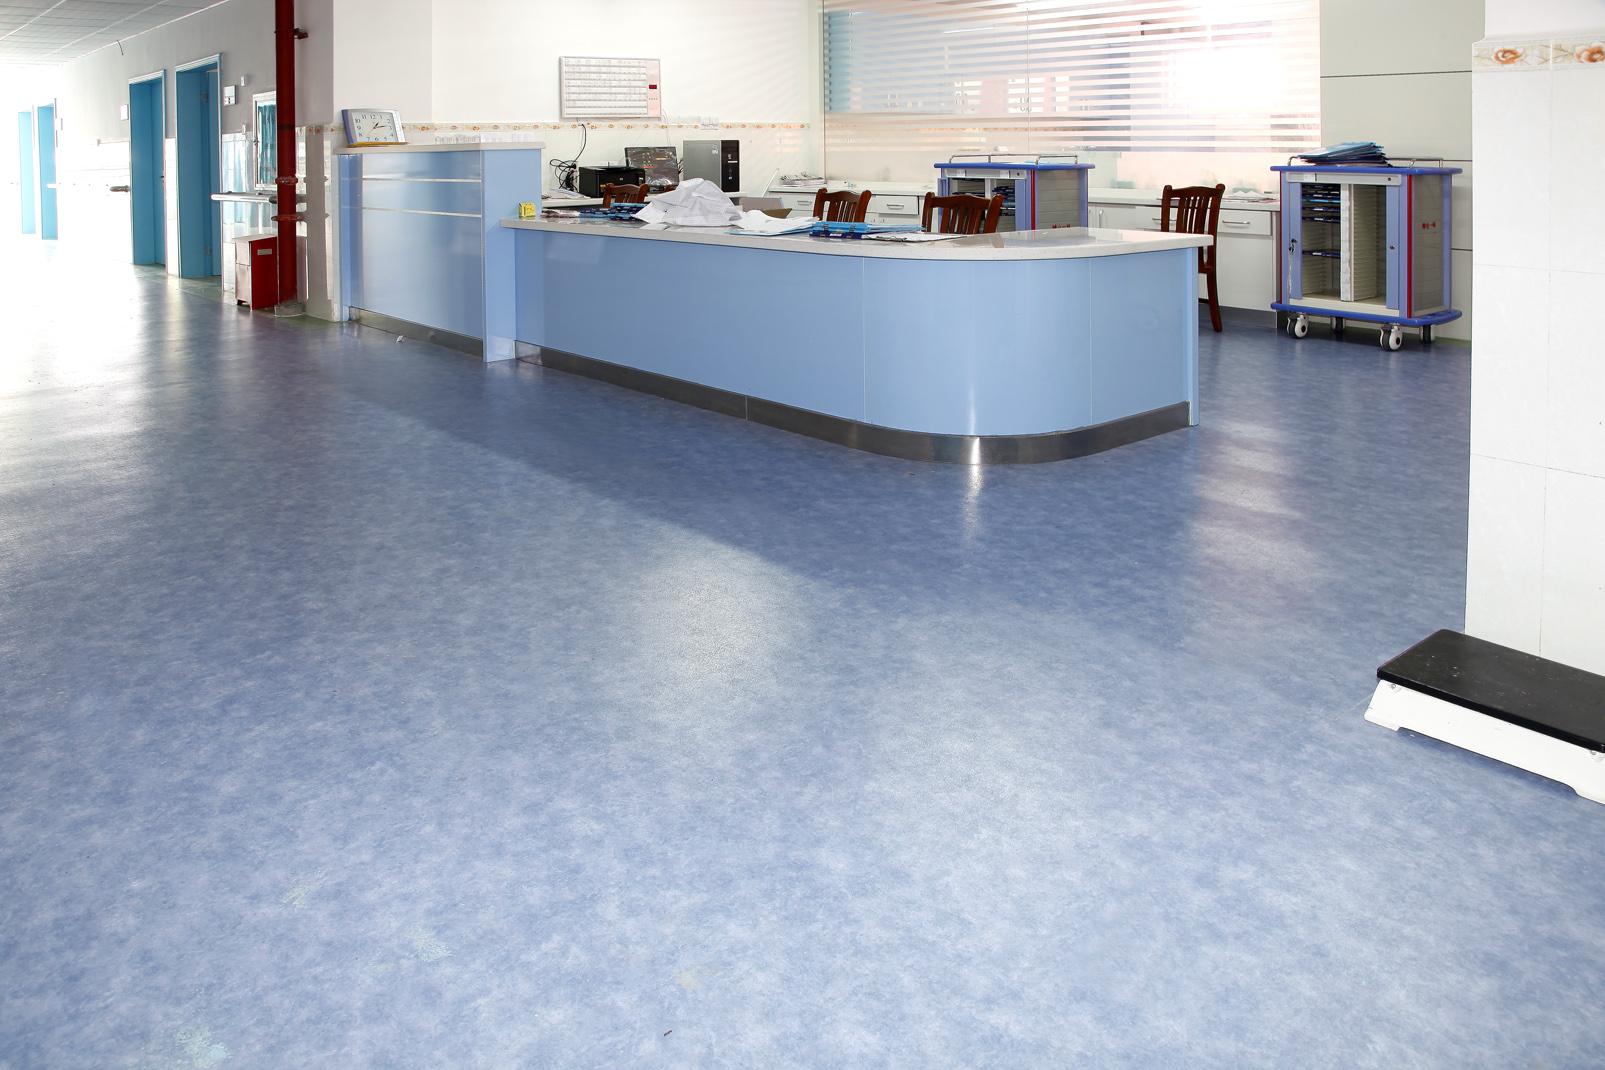 聊一聊PVC塑胶地板的抗菌性能【腾方PVC地板】